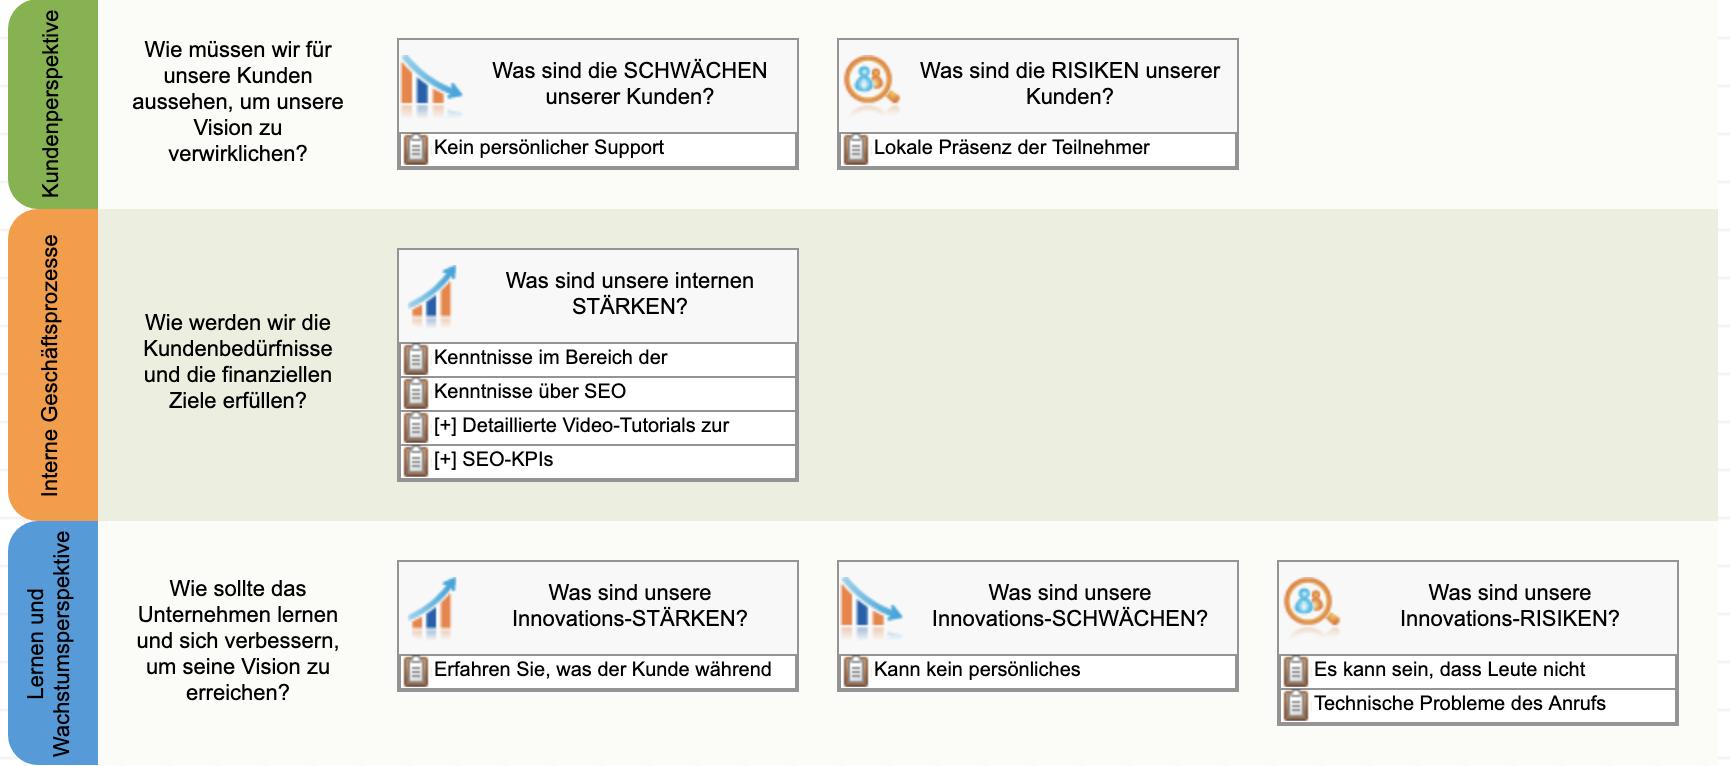 Verwendung der SWOT+S-Vorlage zur Abbildung der Ergebnisse in der Innovationsperspektive